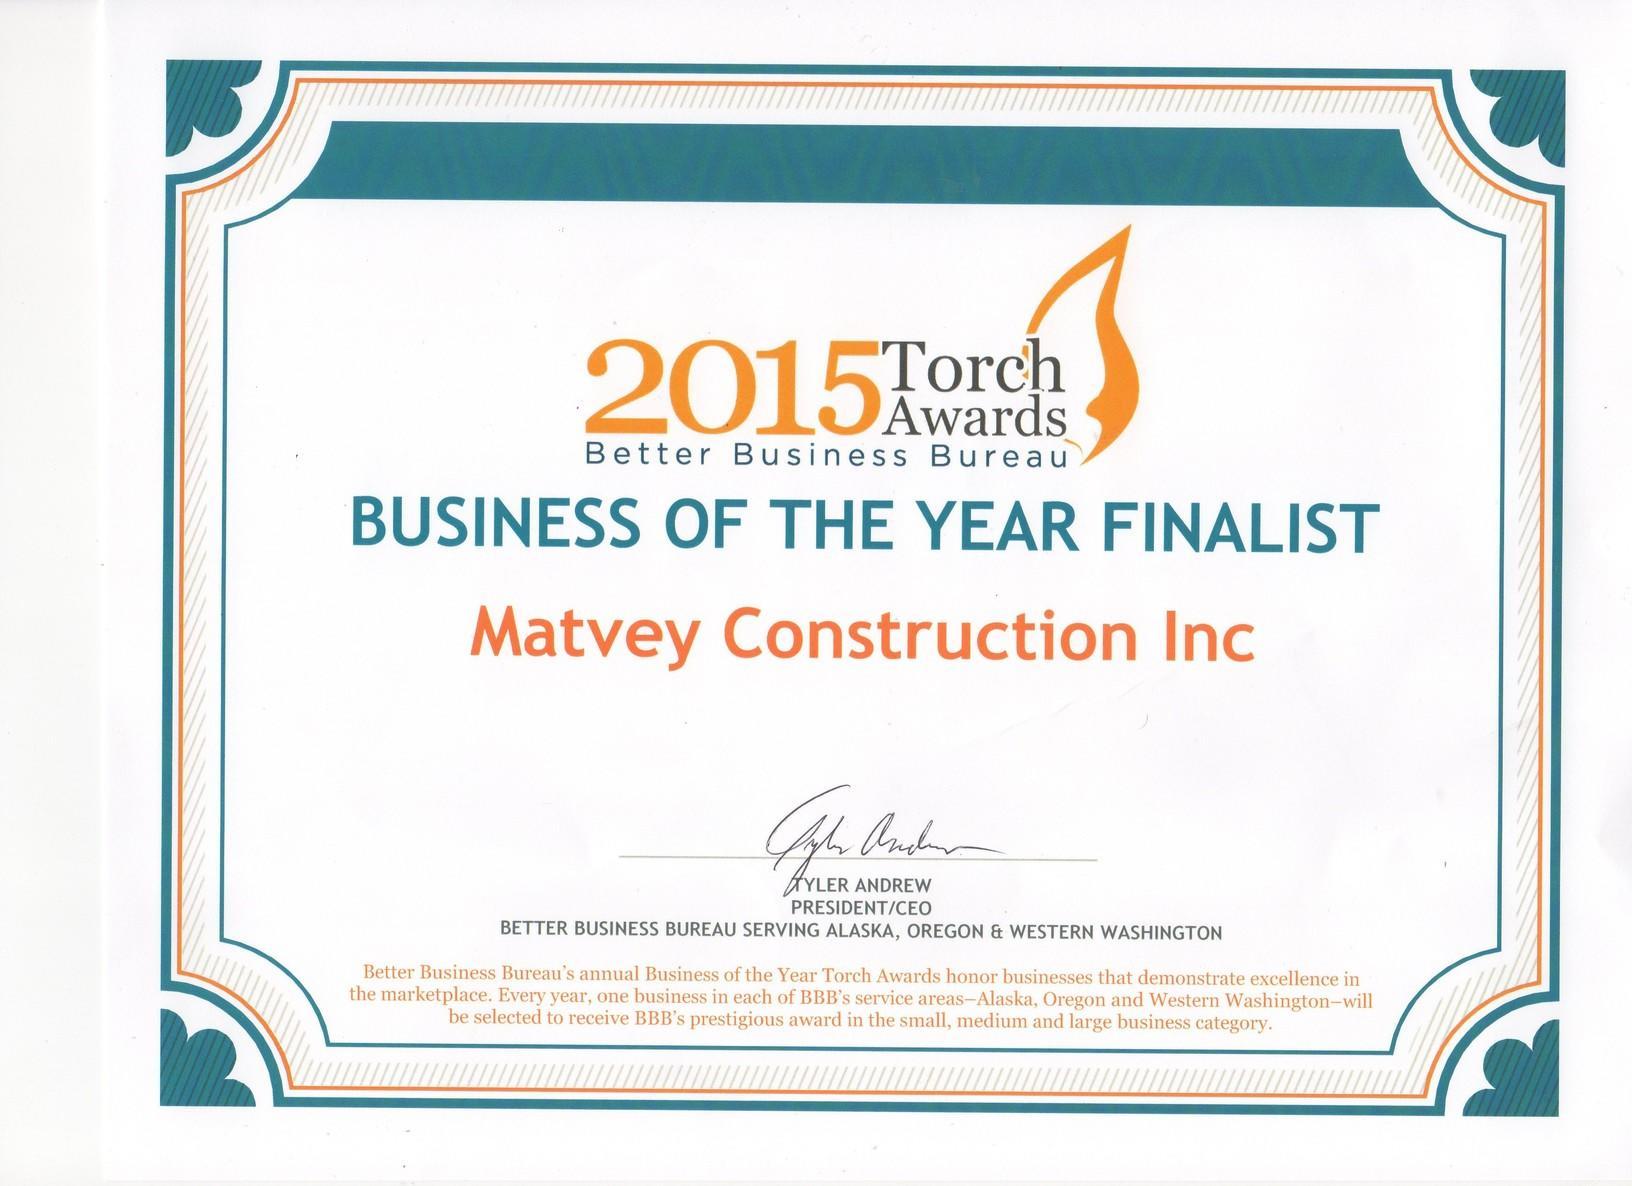 2015 torch award